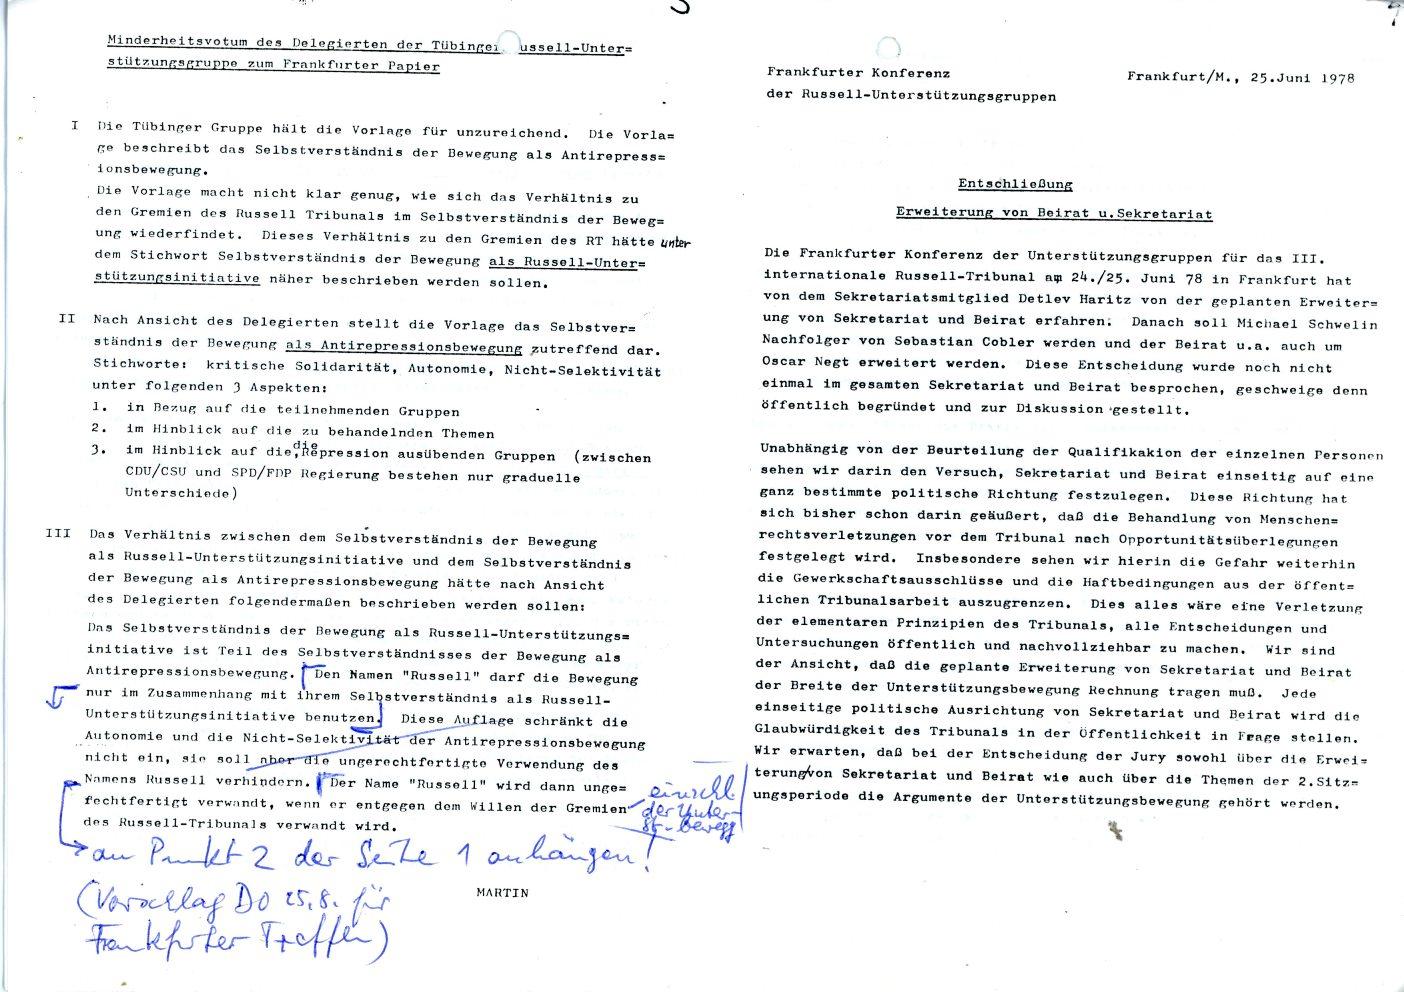 Frankfurt_Konferenz_der_Russell_Unterstuetzungsgruppen_19780624_16